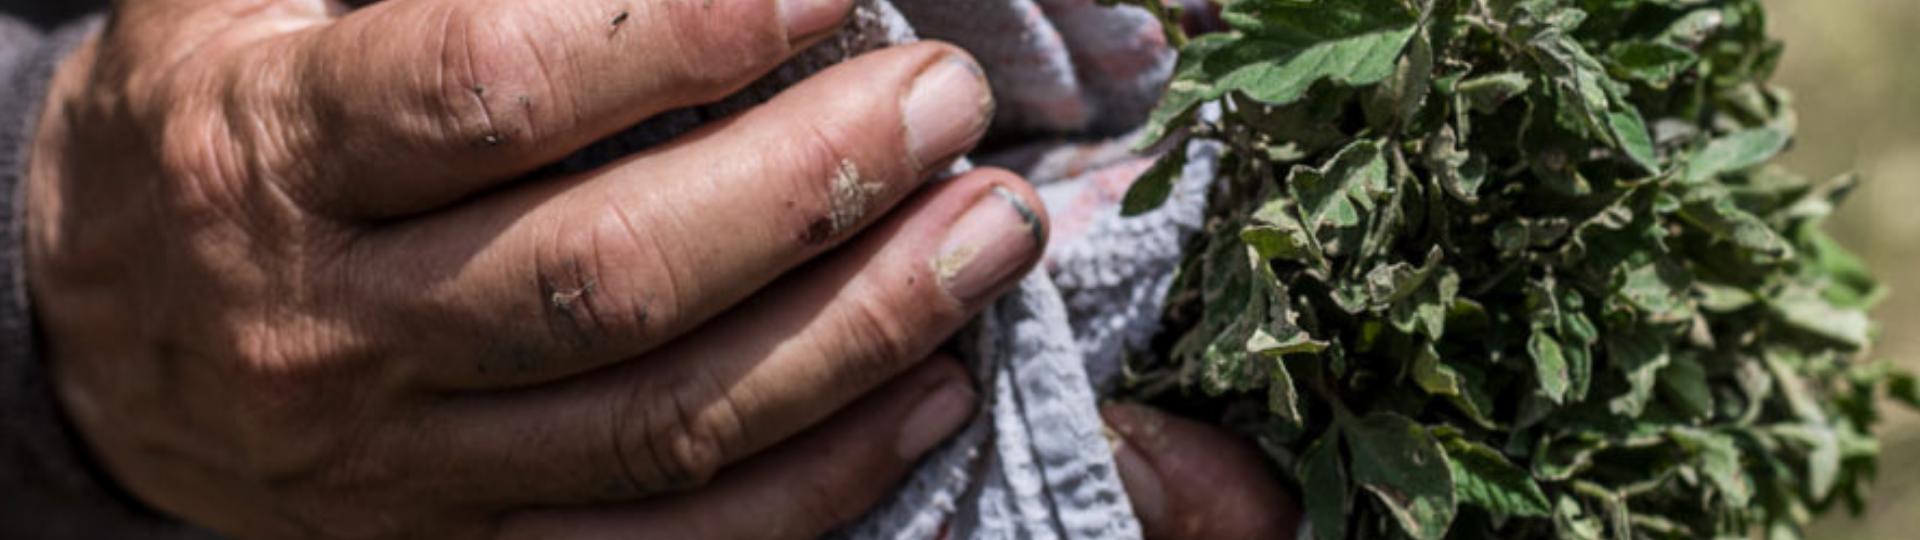 Vegetables seedlings